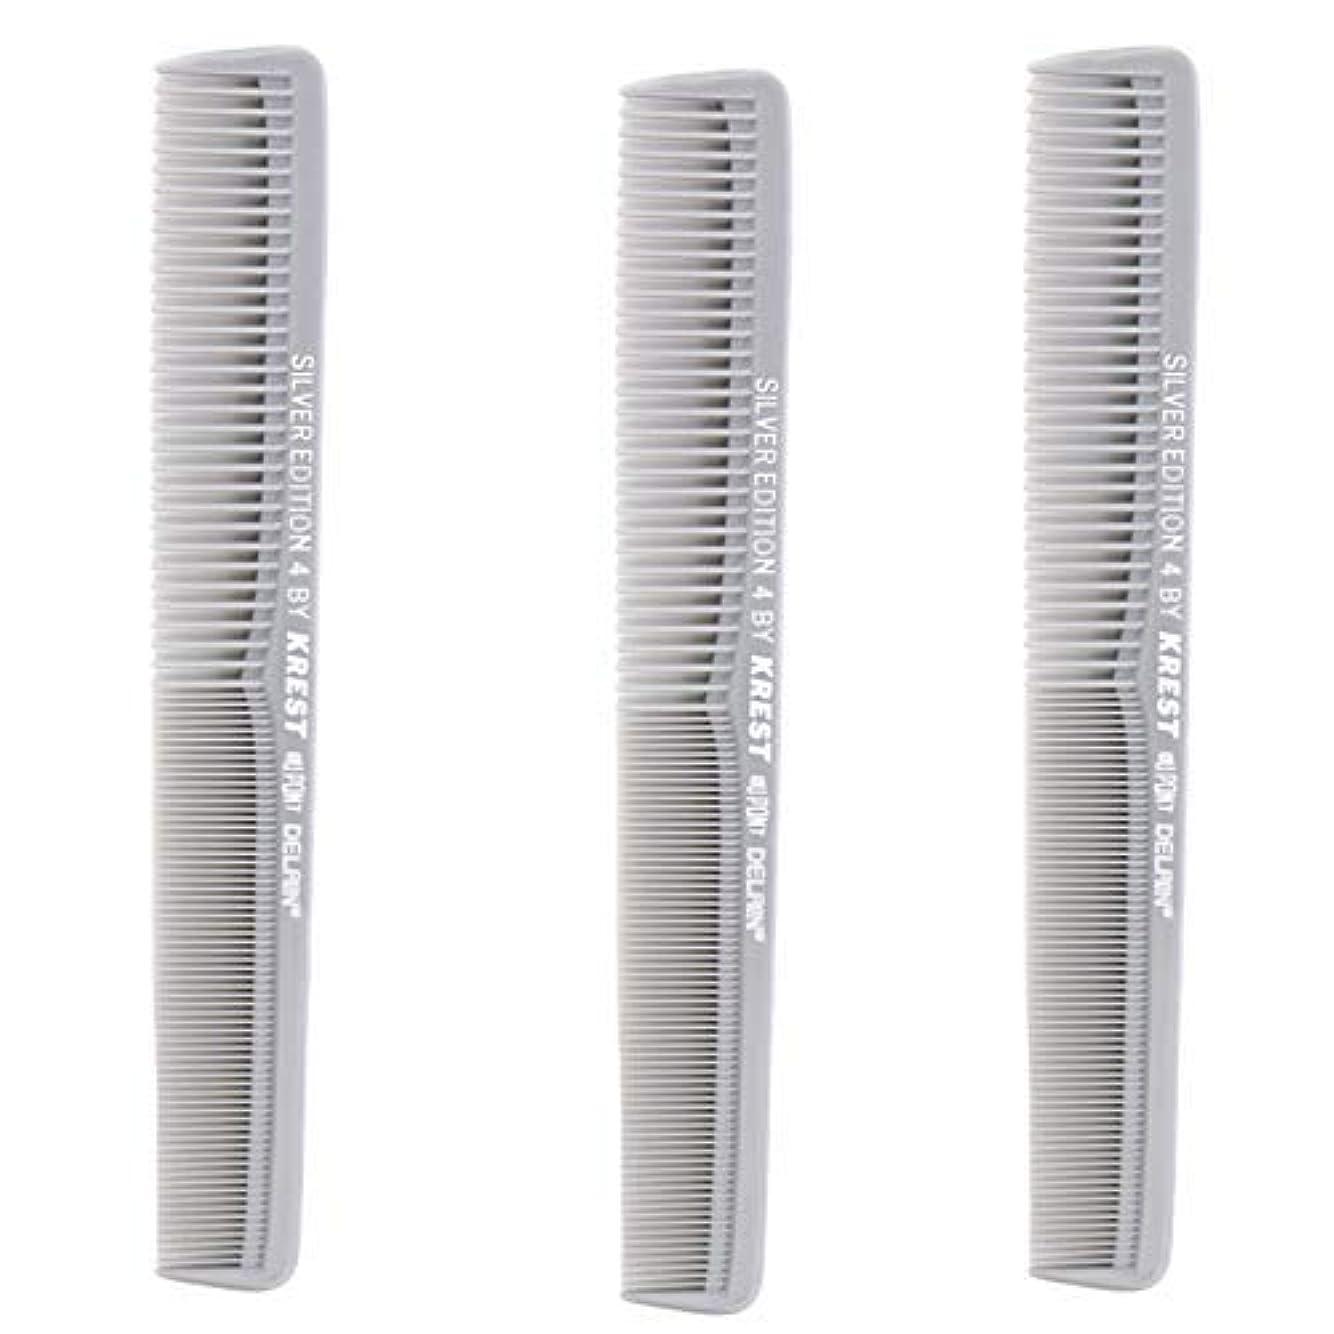 強調ハードウェア哲学博士Krest Comb 7 In. Silver Edition Heat Resistant All Purpose Hair Comb Model #4 [並行輸入品]